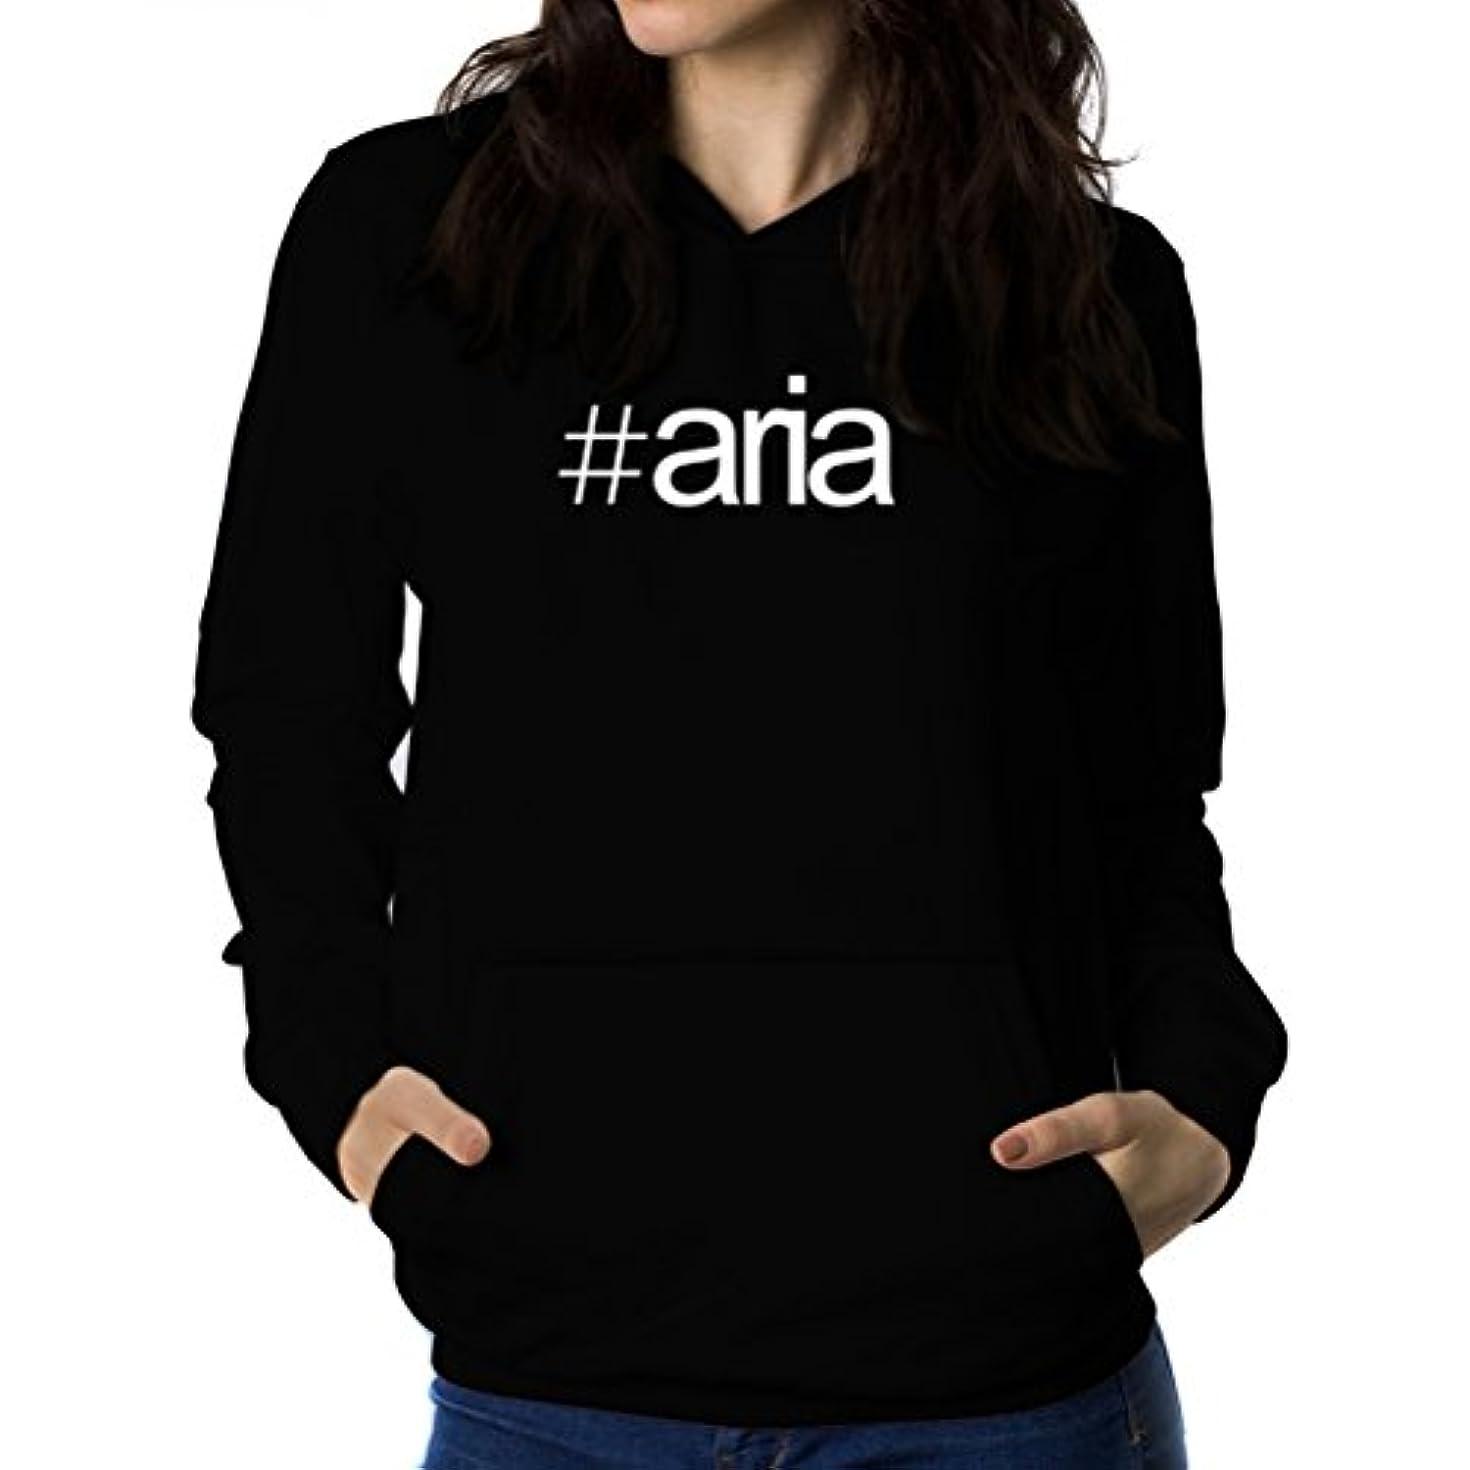 の前で家畜指Hashtag Aria 女性 フーディー